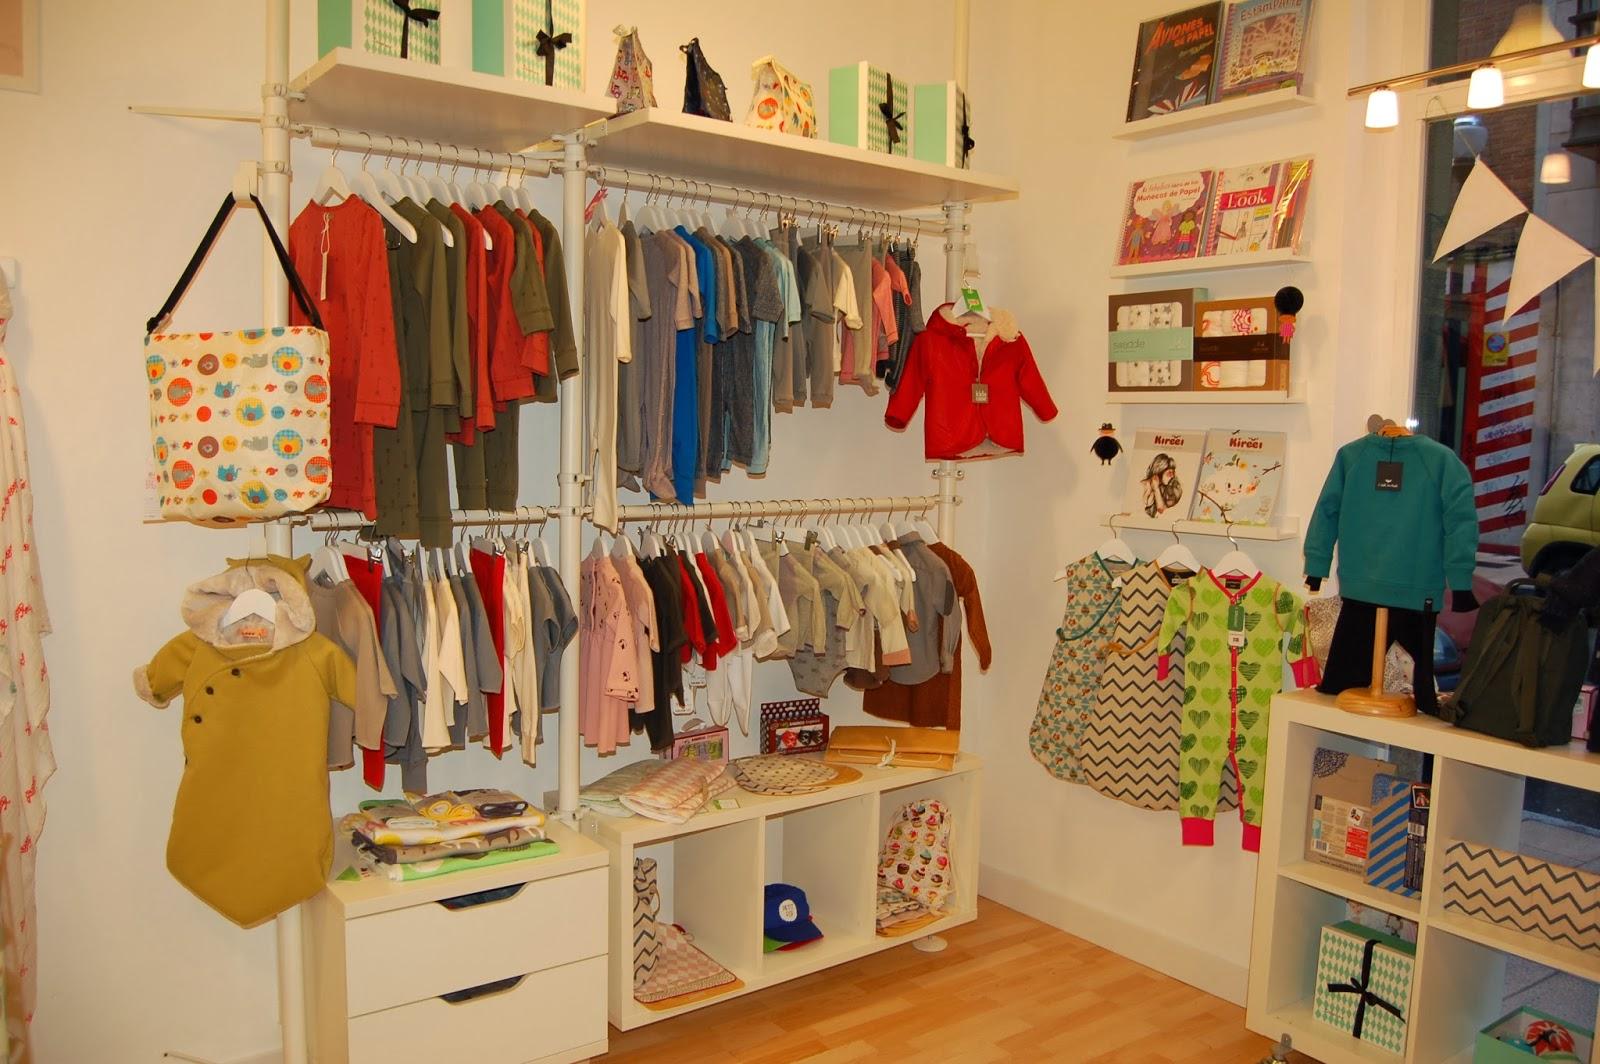 La vie est belle de tiendas por calle la merced 2 for Mayorista decoracion